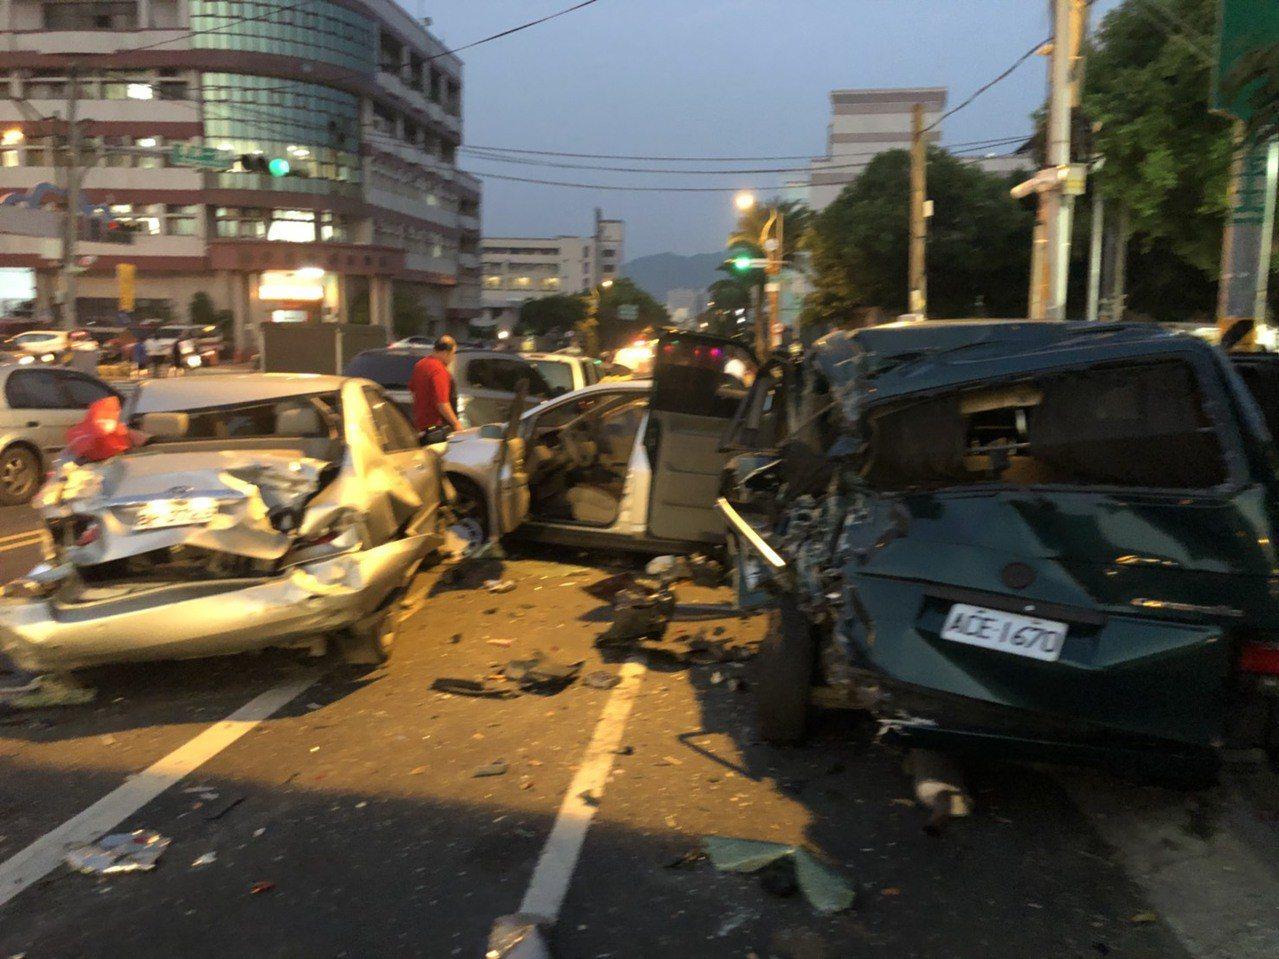 南投市拖板車下坡時失控衝撞,被撞的車輛扭曲變形如同廢鐵。記者江良誠/攝影